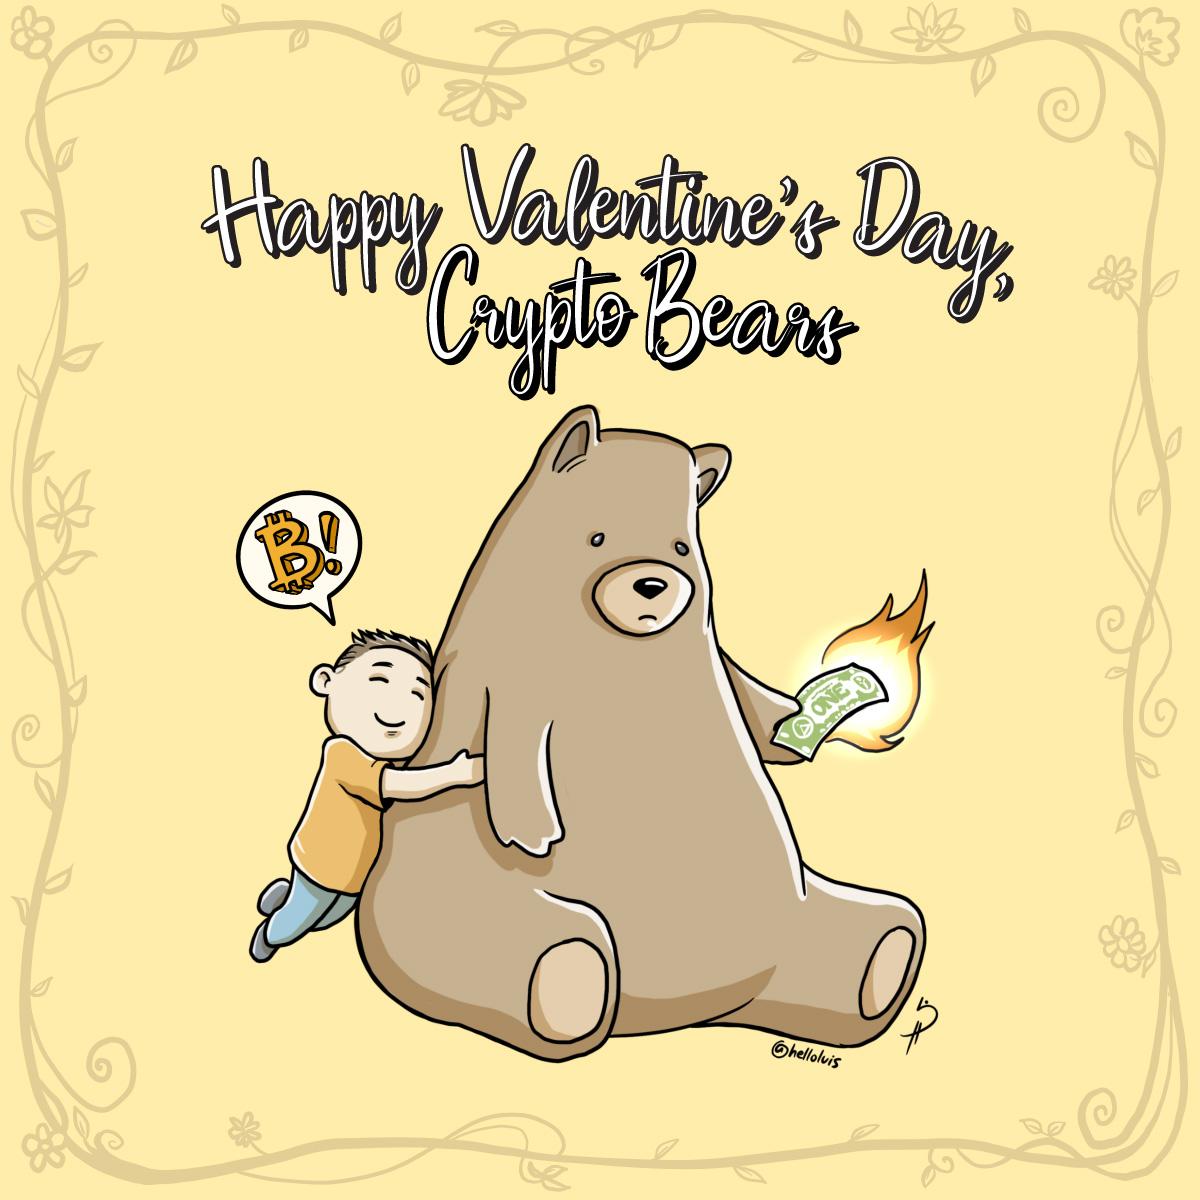 Happy Valentines Day, Crypto Bears! A V-day cartoon by Cryptopop